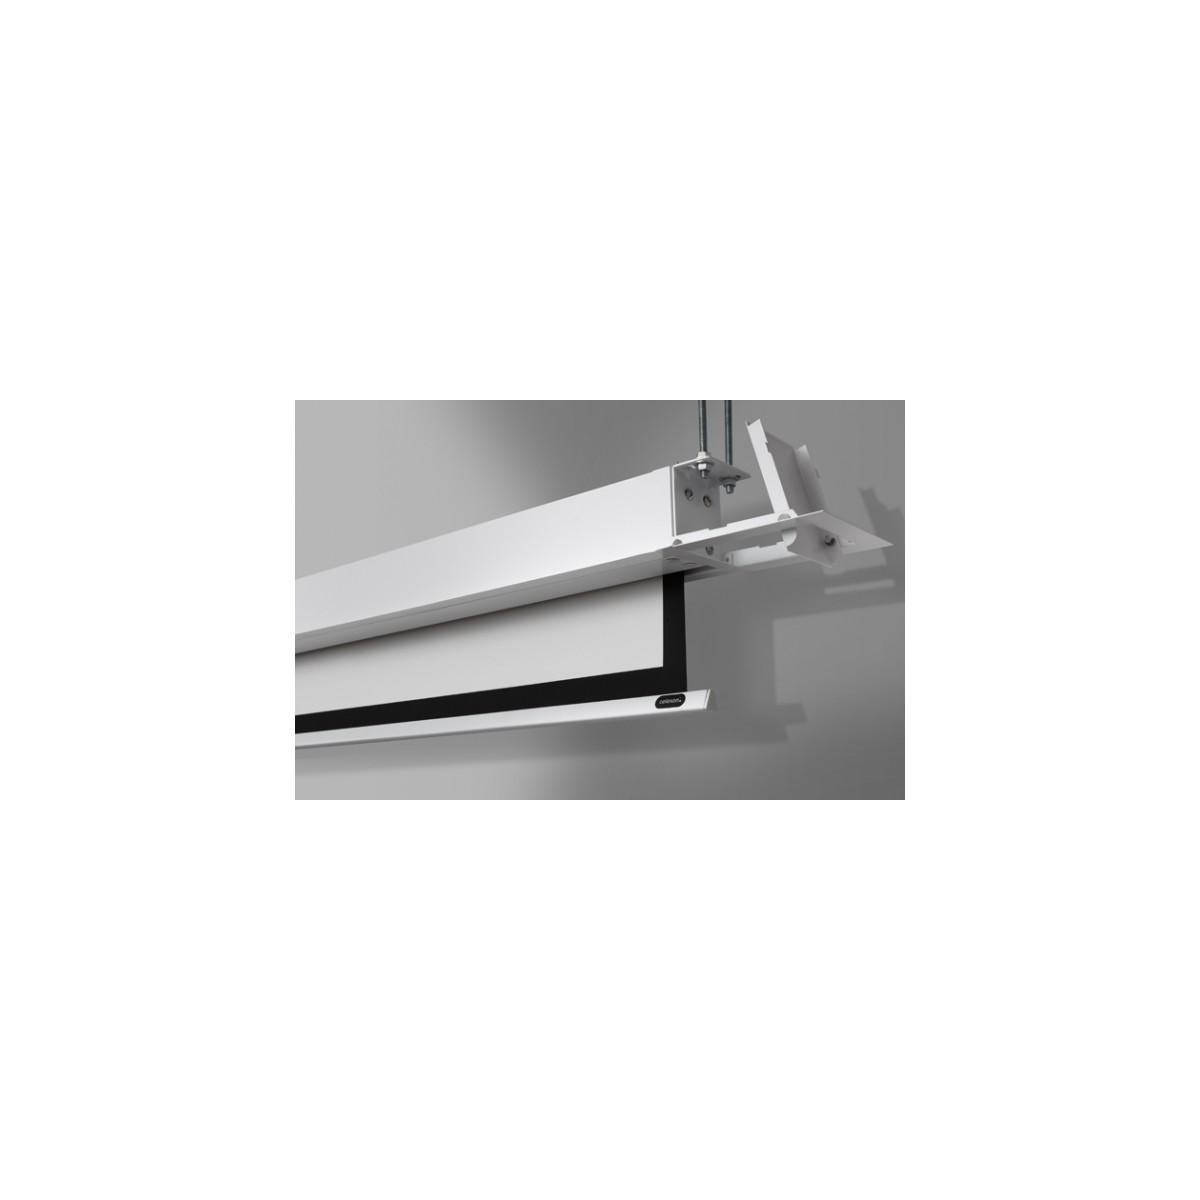 Ecran encastrable au plafond celexon motoris pro 160 x - Ecran de projection encastrable plafond ...